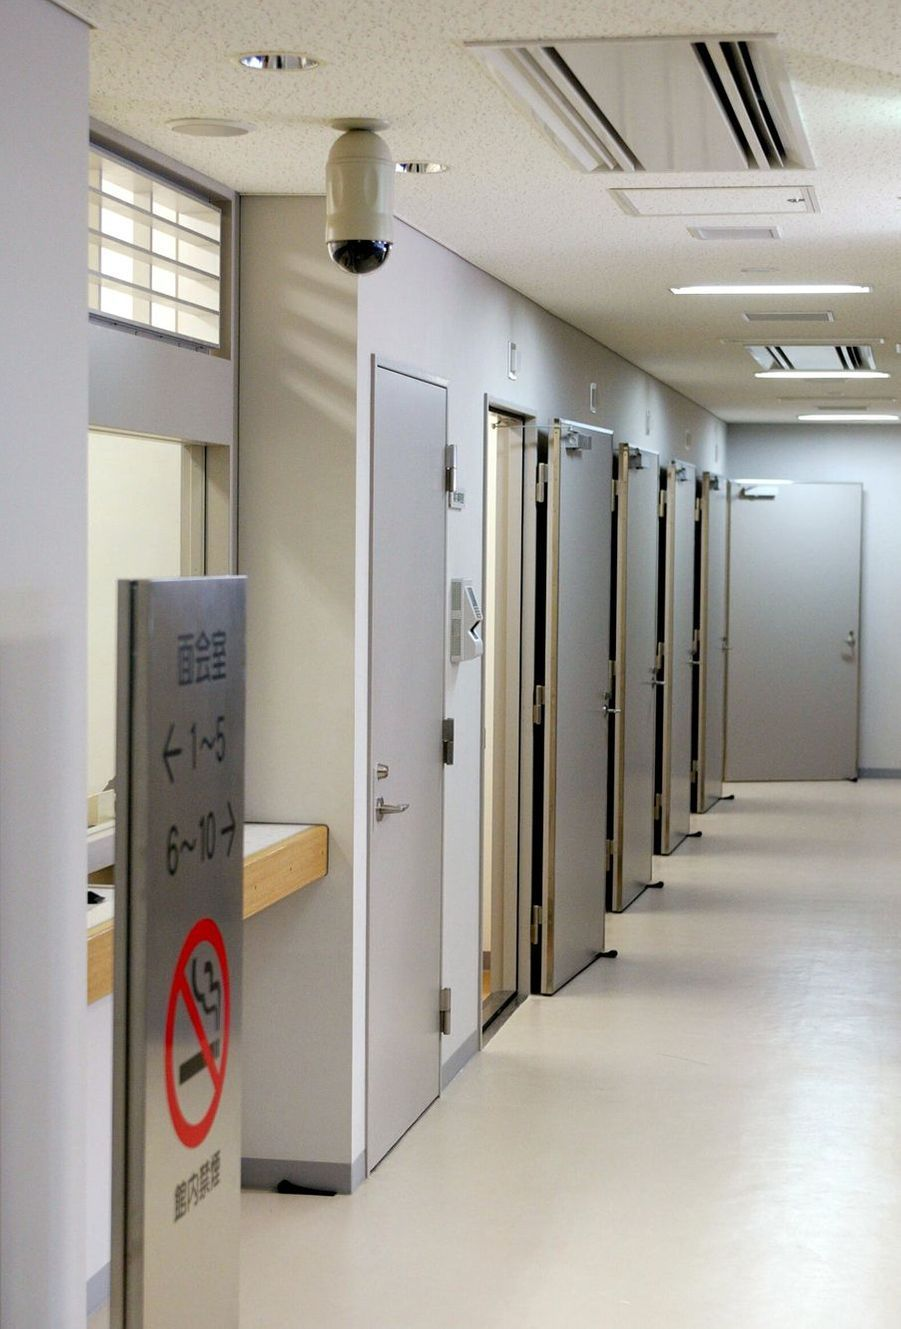 Porte des cellules du centre de détention de l'arrondissement de Katsushika à Tokyo.